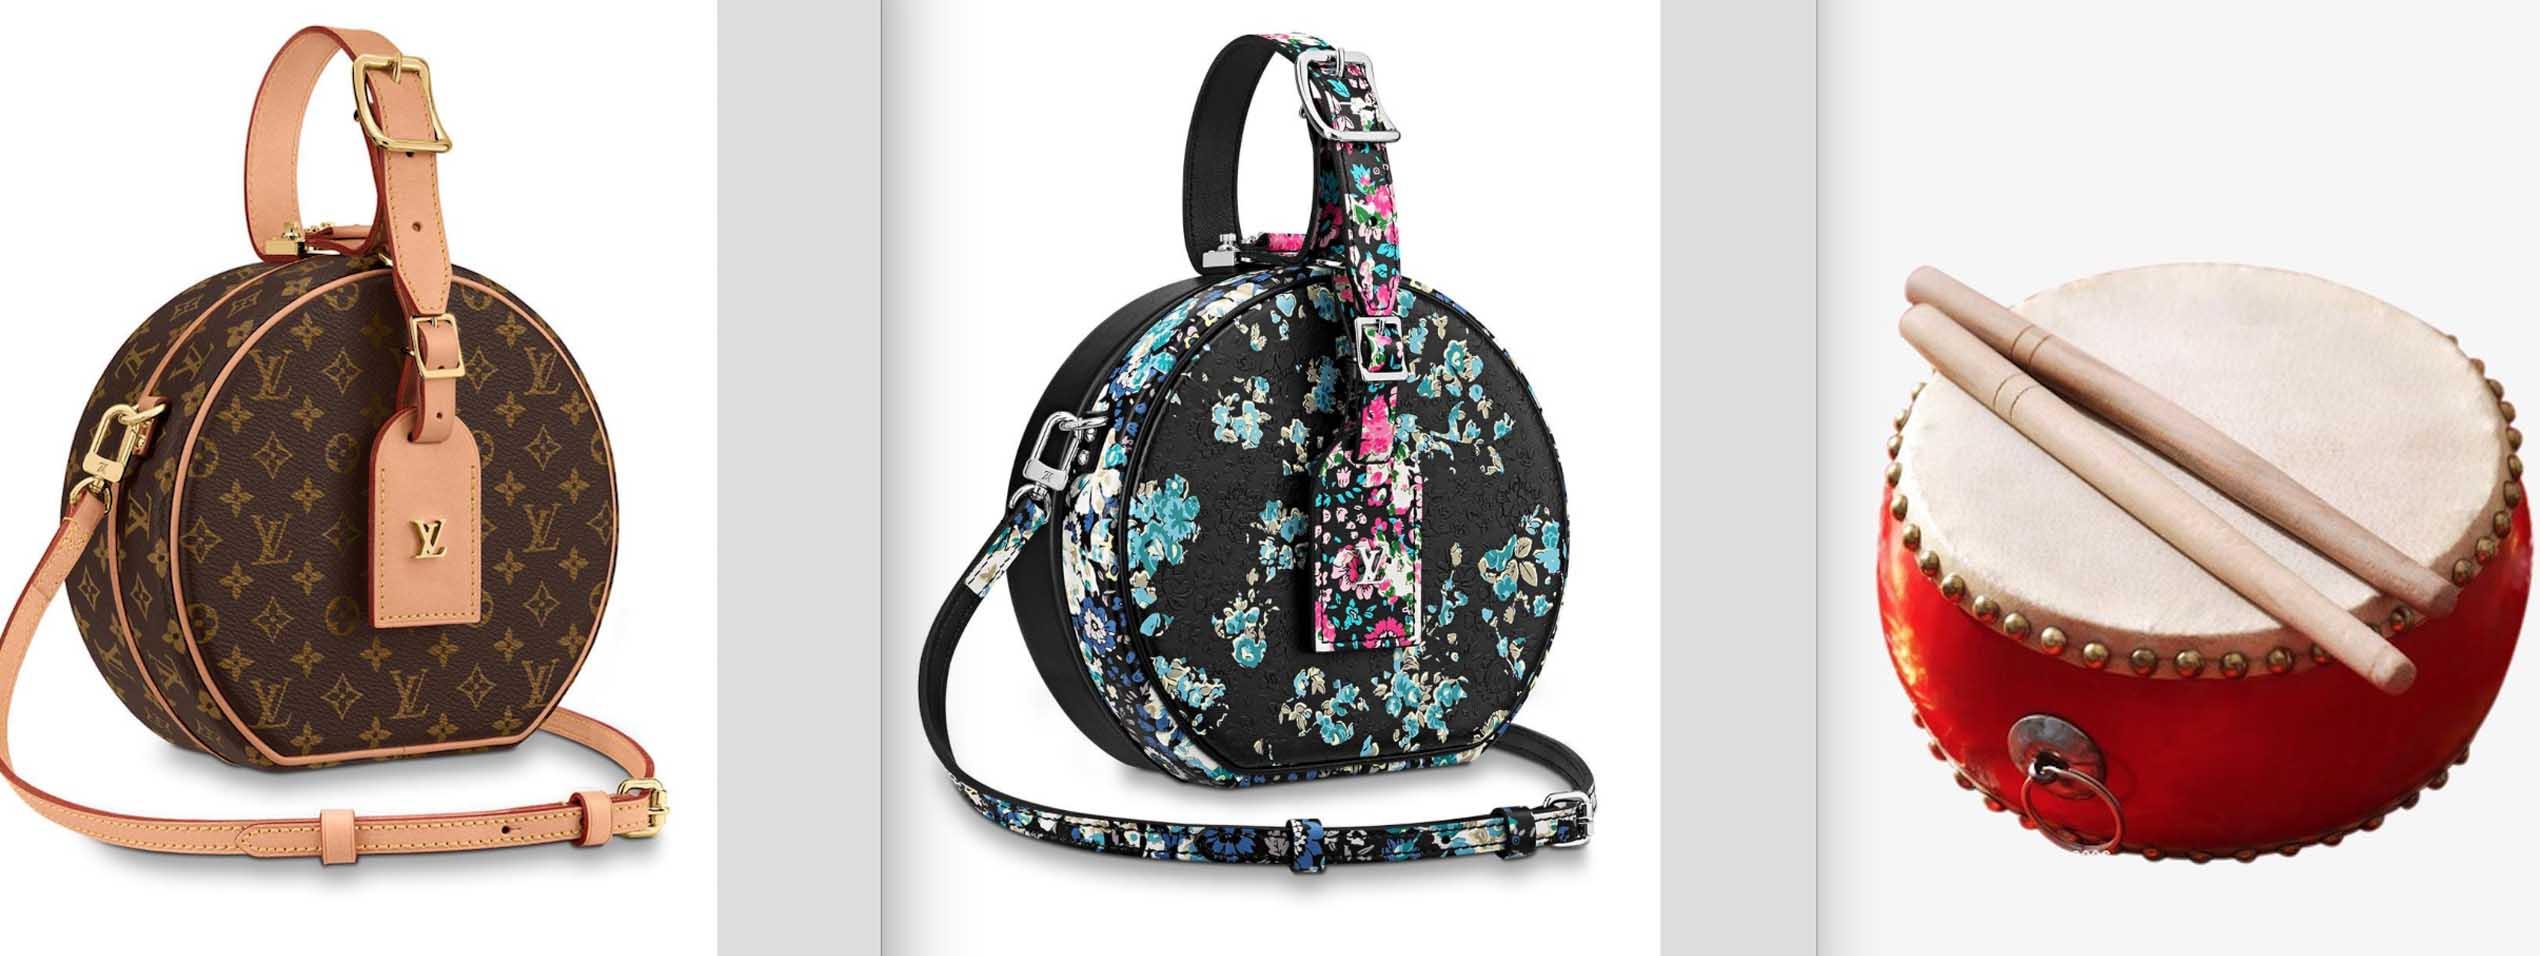 Không chỉ túi máy bay của Louis Vuitton, thế giới hàng hiệu còn nhiều mẫu túi độc lạ hơn thế - 11